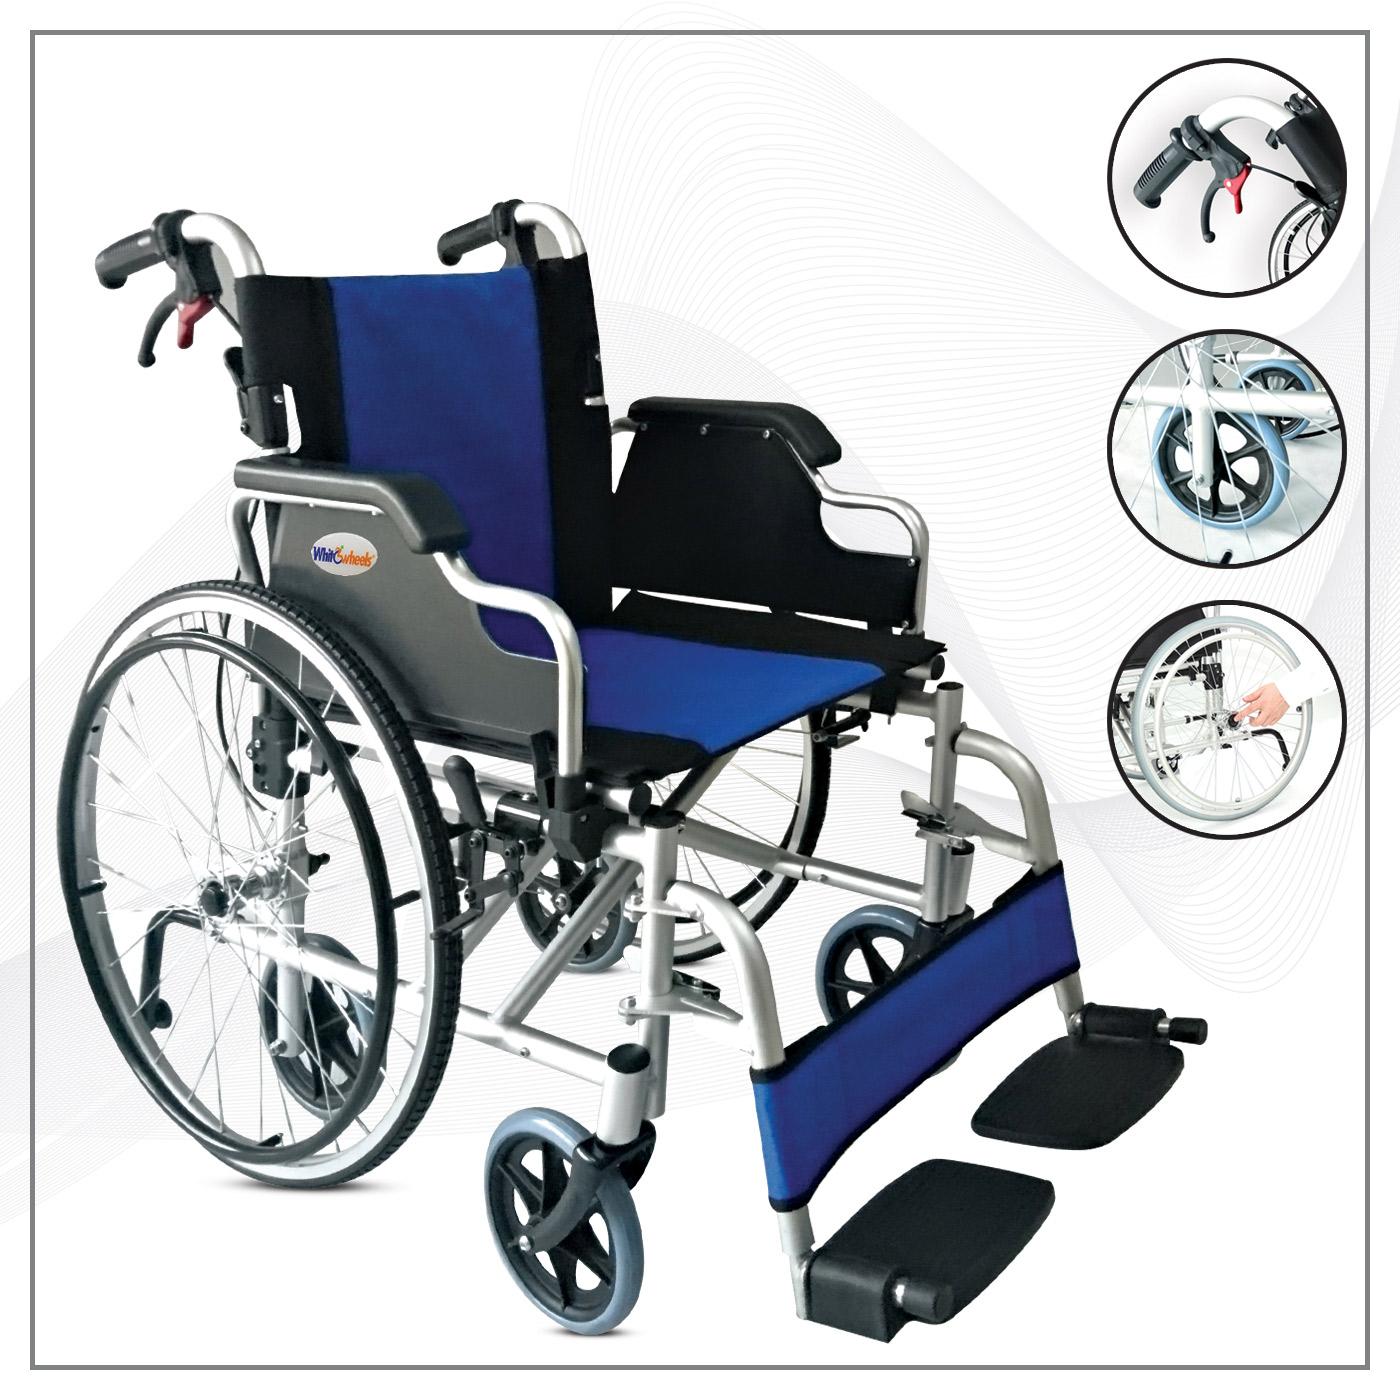 Abc Tıp Sağlık Tekerlekli Sandalye ve Oturaklar AL 08-101